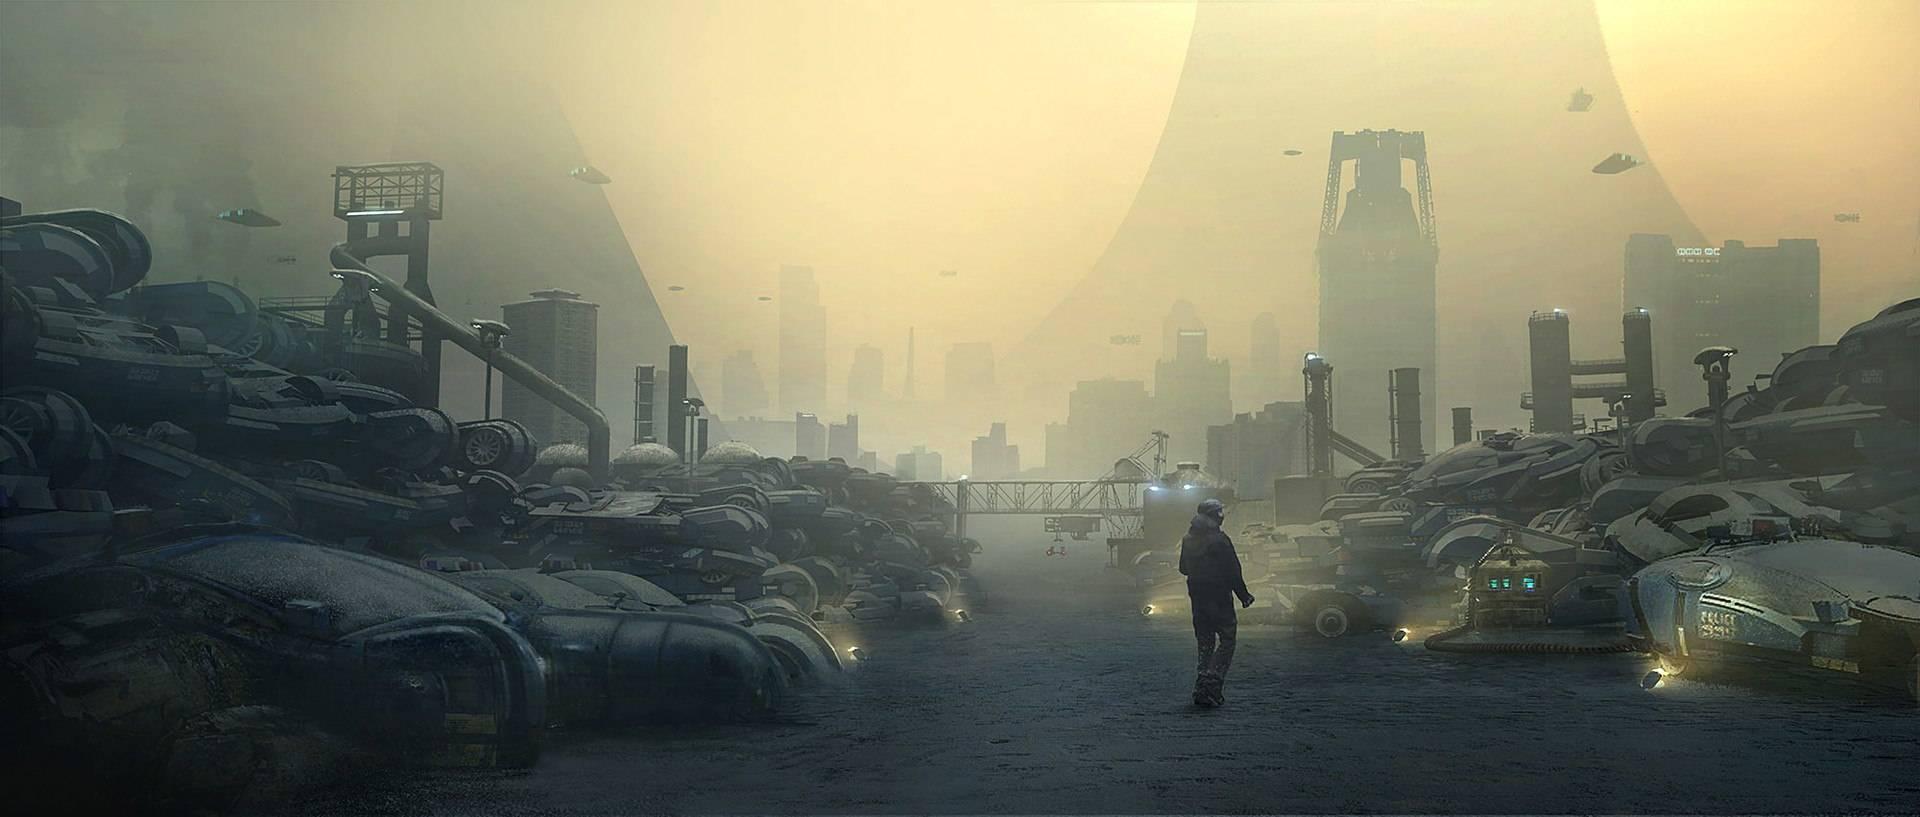 Виды киберпанка: стильные концепт-арты к фильму «Бегущий по лезвию 2049» 33